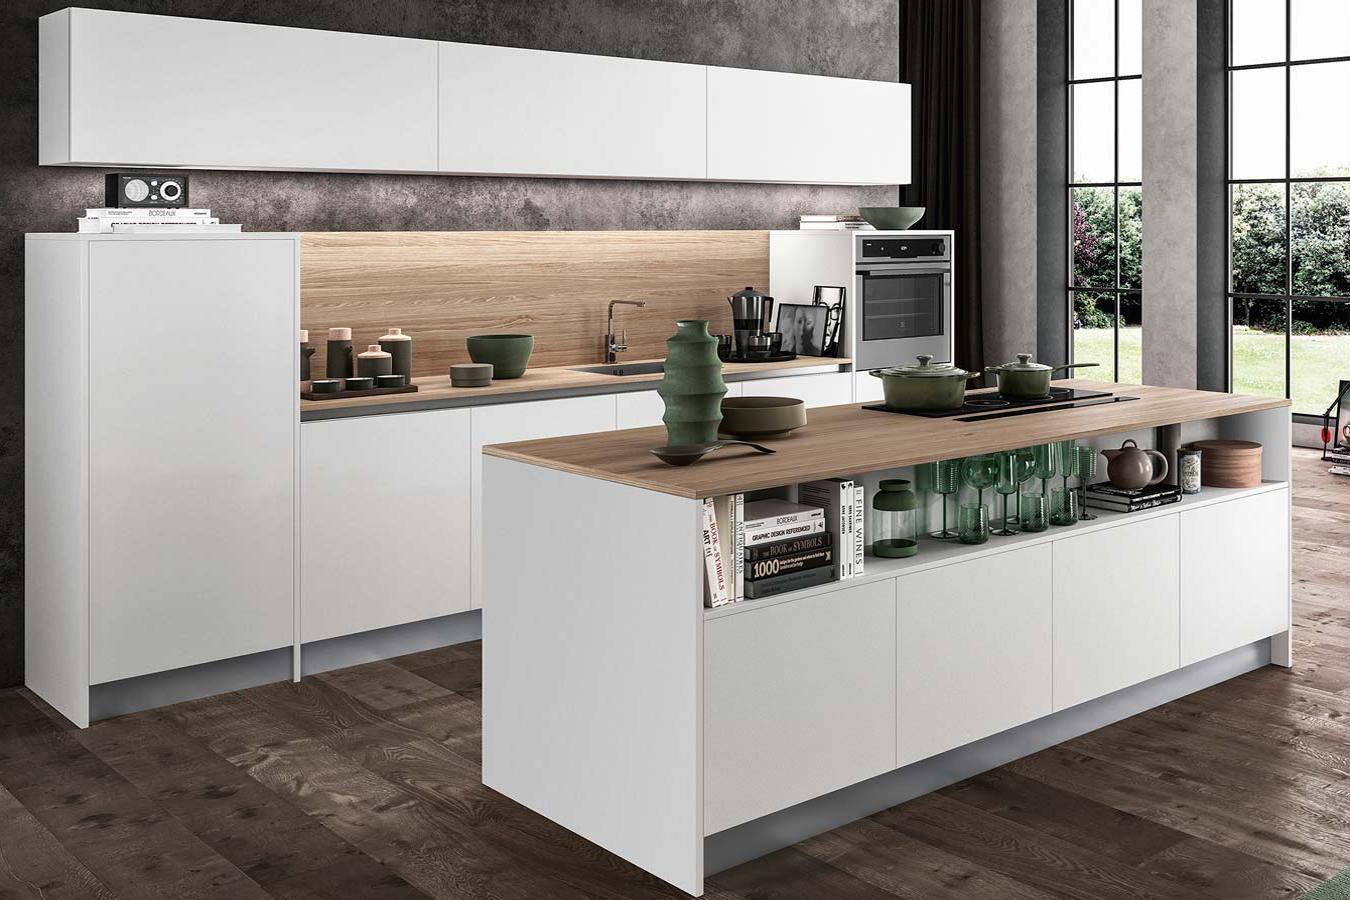 Cucina cloe di arredo3 righetti mobili novara - Arredo3 cucine moderne ...